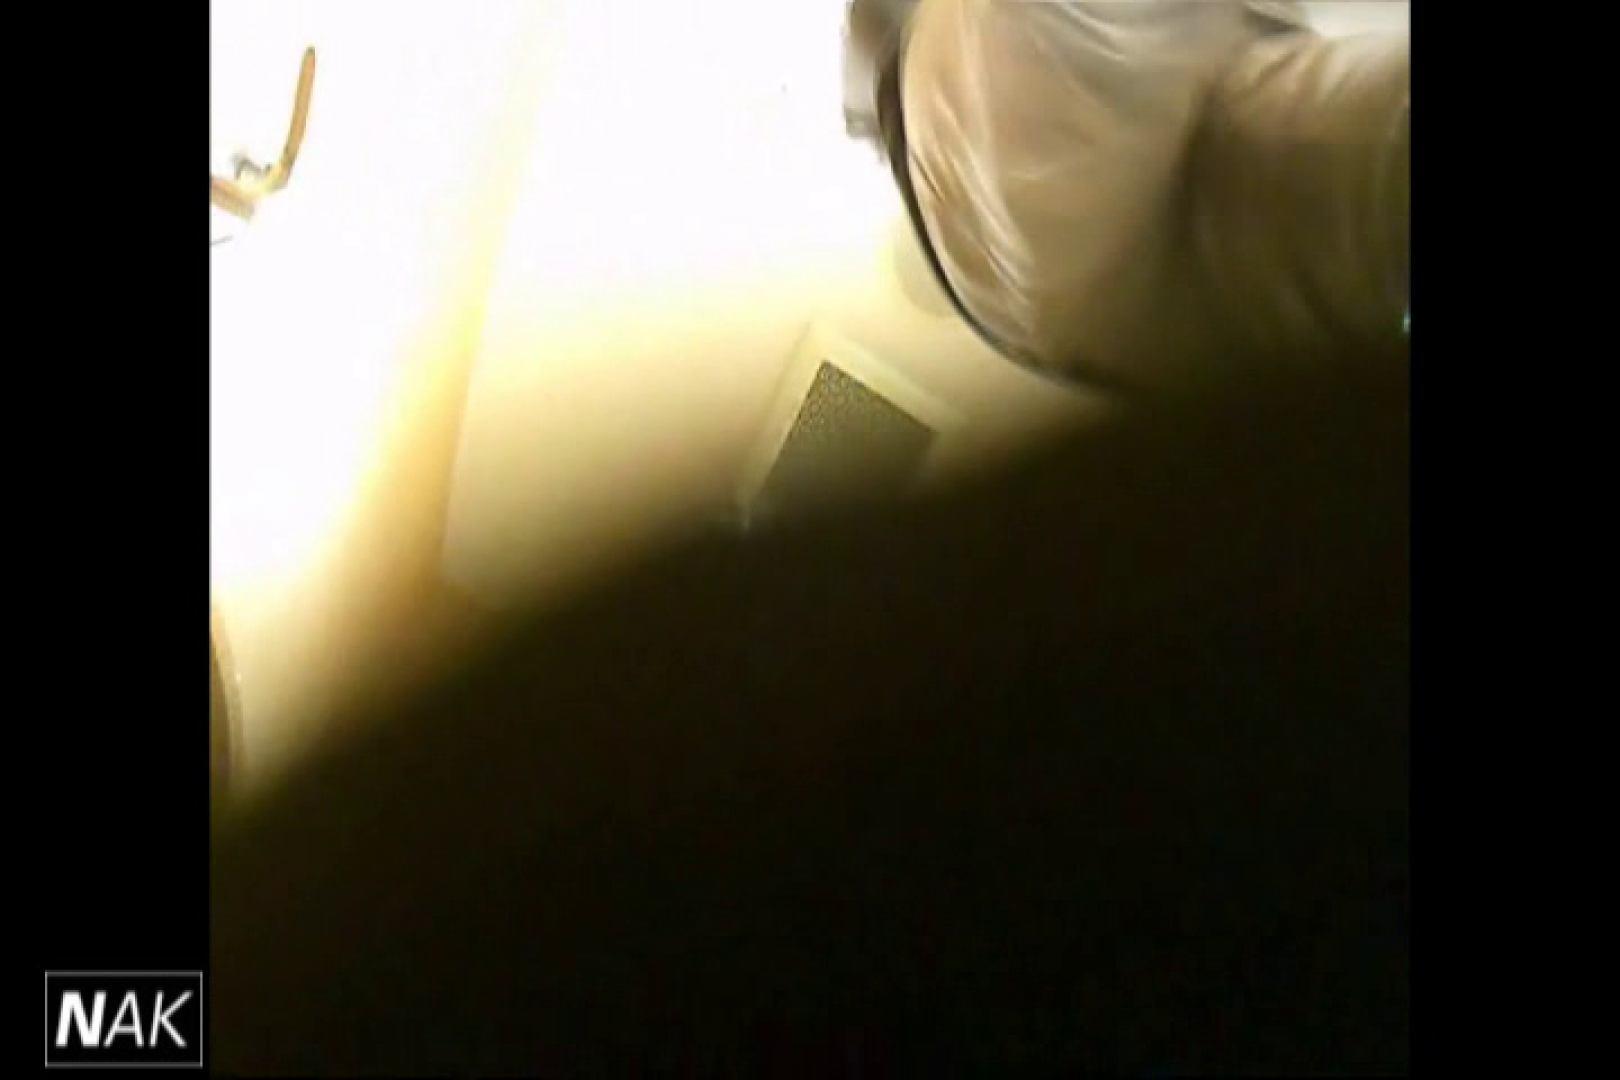 せん八さんの厠観察日記!2点監視カメラ 高画質5000K vol.21 厠 AV動画キャプチャ 72枚 72